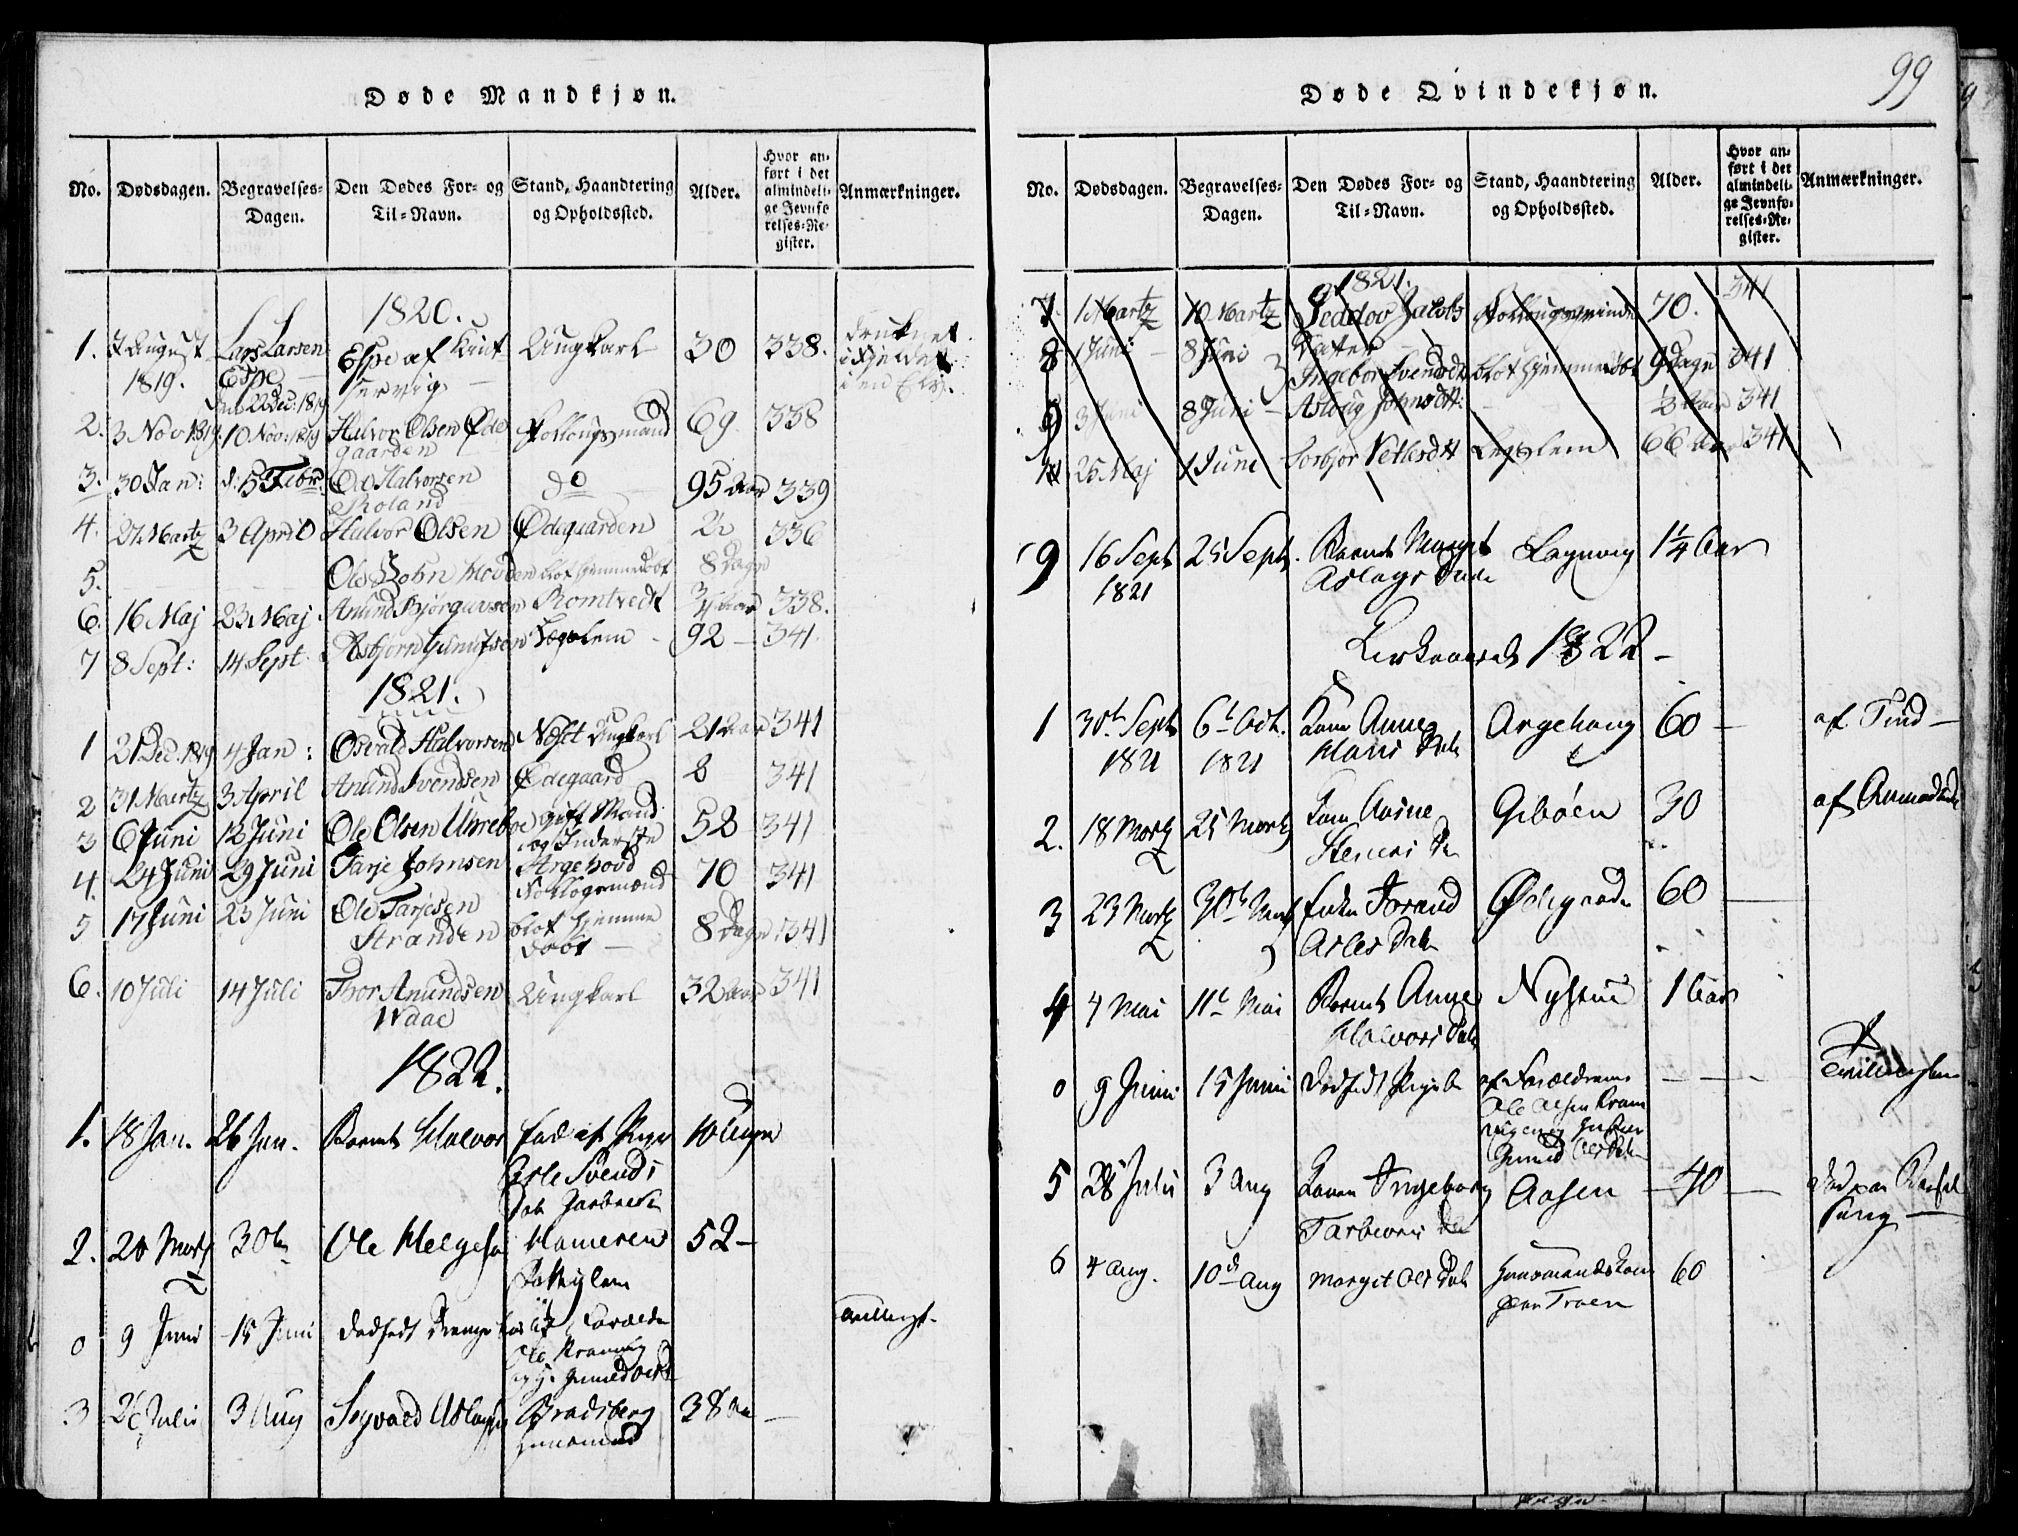 SAKO, Rauland kirkebøker, G/Ga/L0001: Klokkerbok nr. I 1, 1814-1843, s. 99